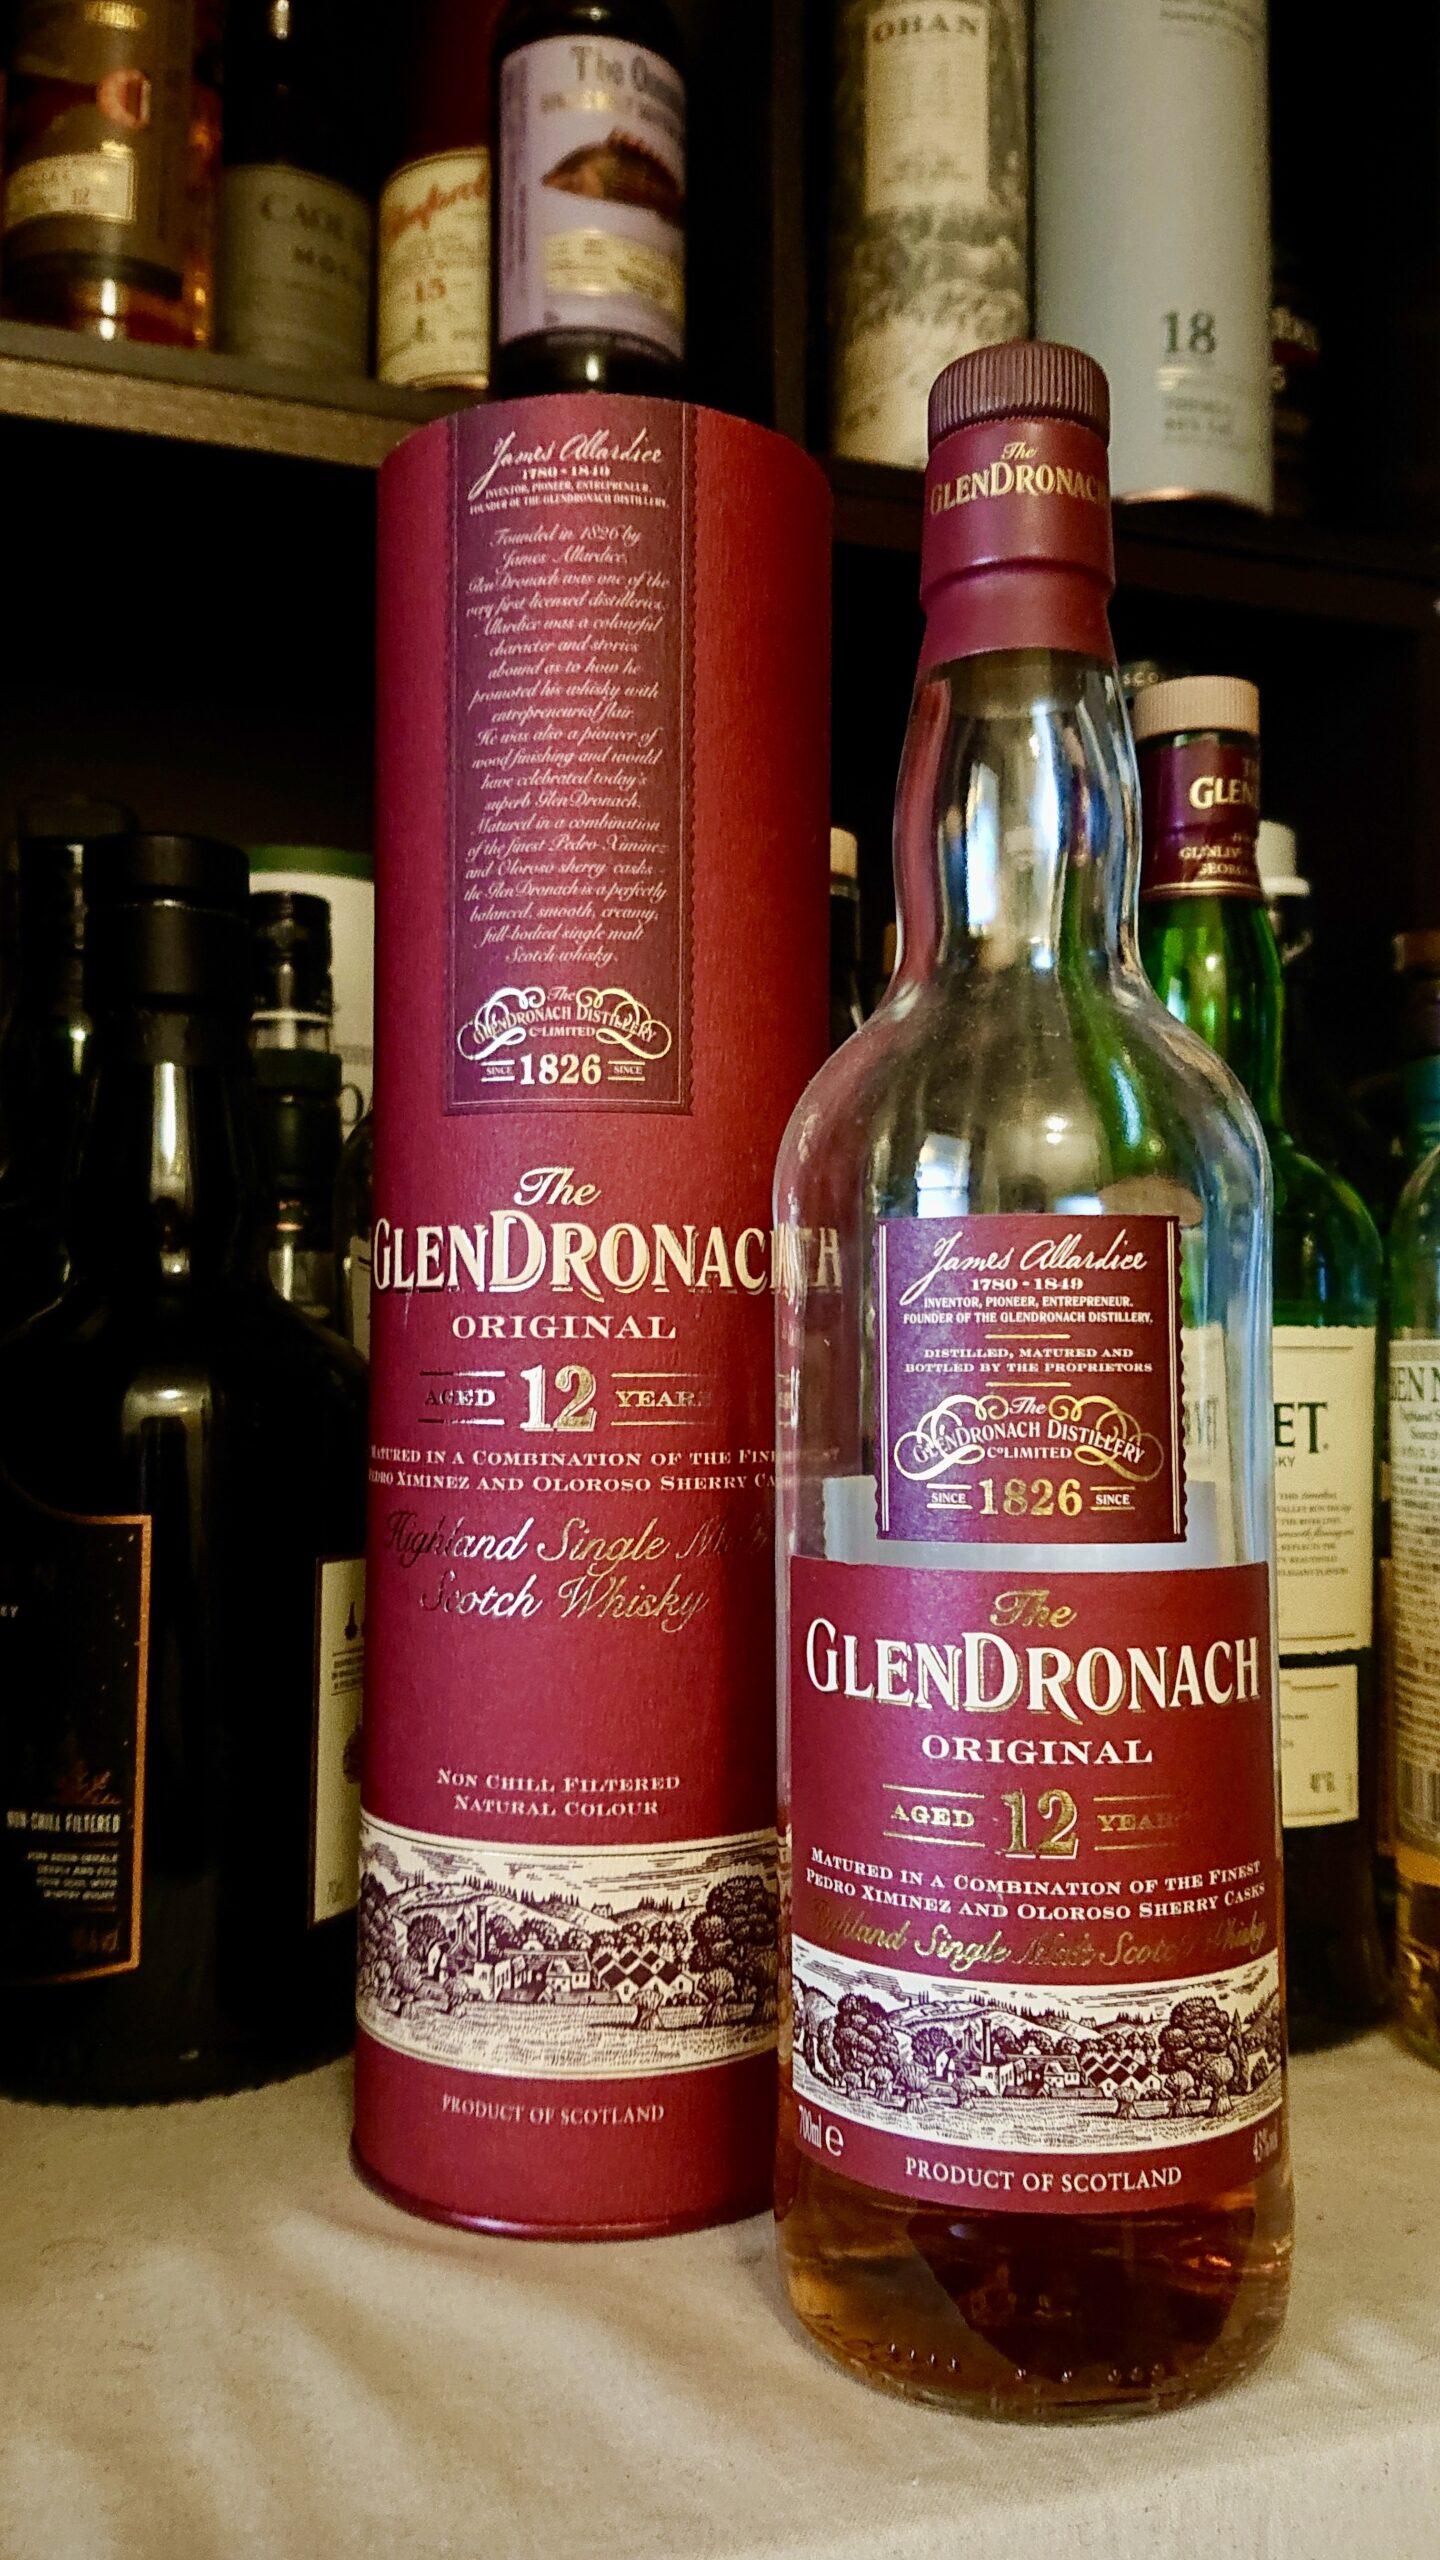 グレンドロナック12年・ハイランドを代表するシェリー樽熟成の老舗。黒イチゴの谷の重厚美酒